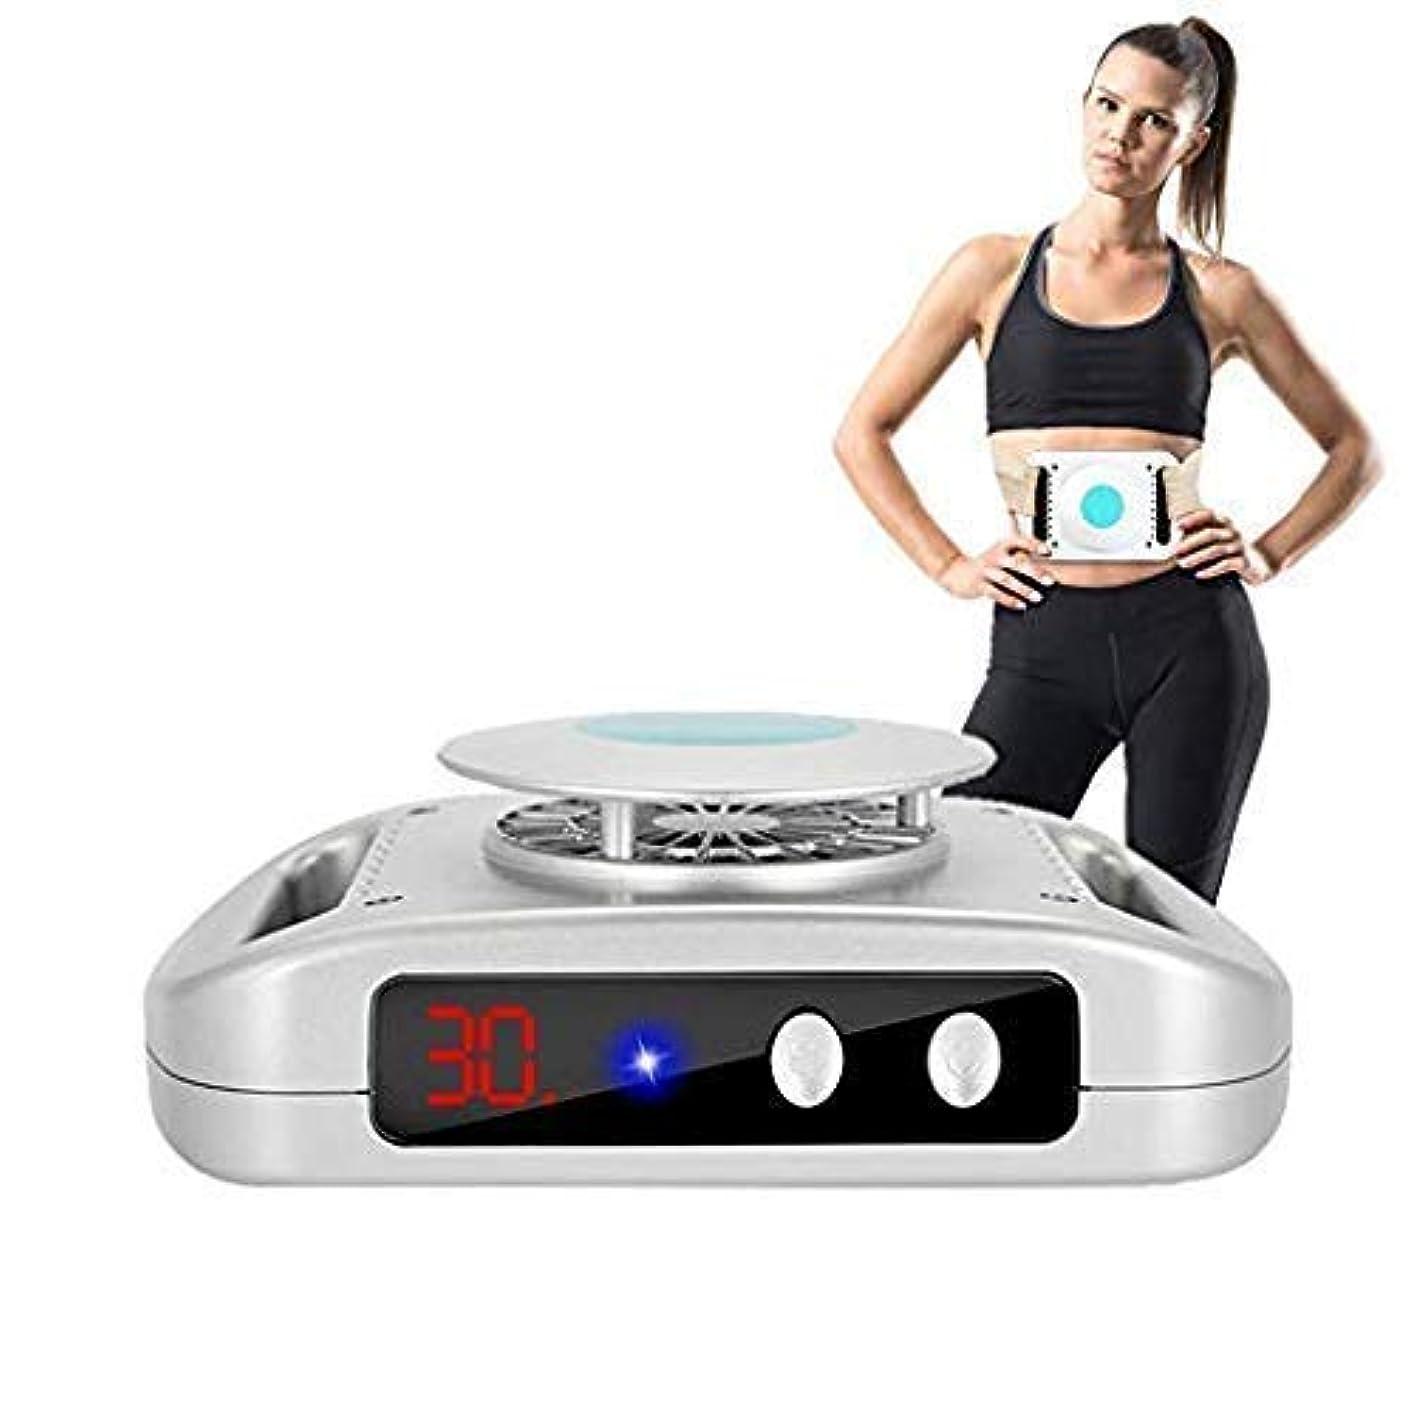 回転するオリエンテーション想定する凍結脂肪除去機、セルライト過剰脂肪に対する細胞の凍結損失システム革命的な方法(白)